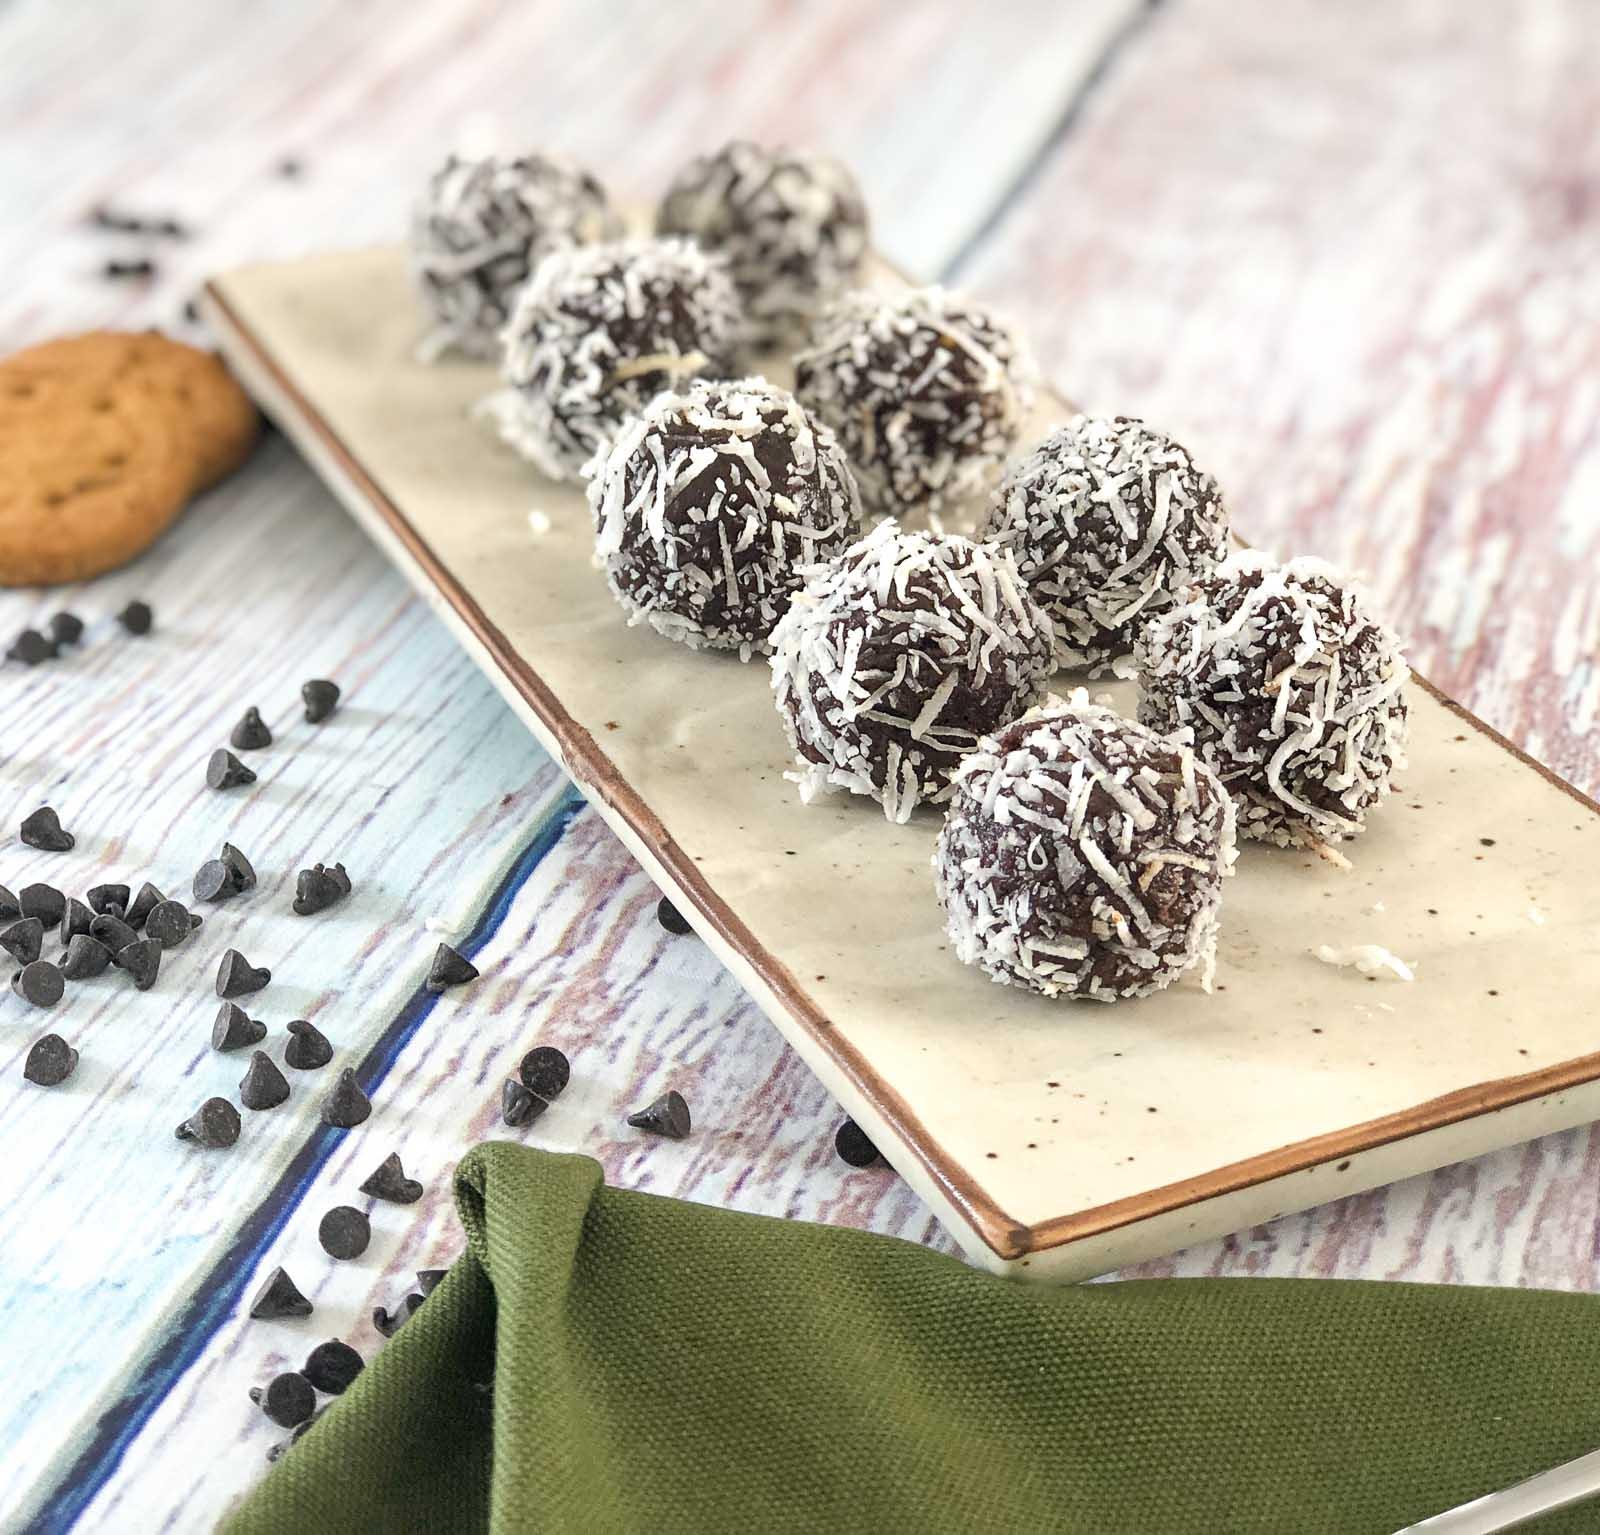 Nutty Oats Almond Truffle Recipe – A Healthy Snack